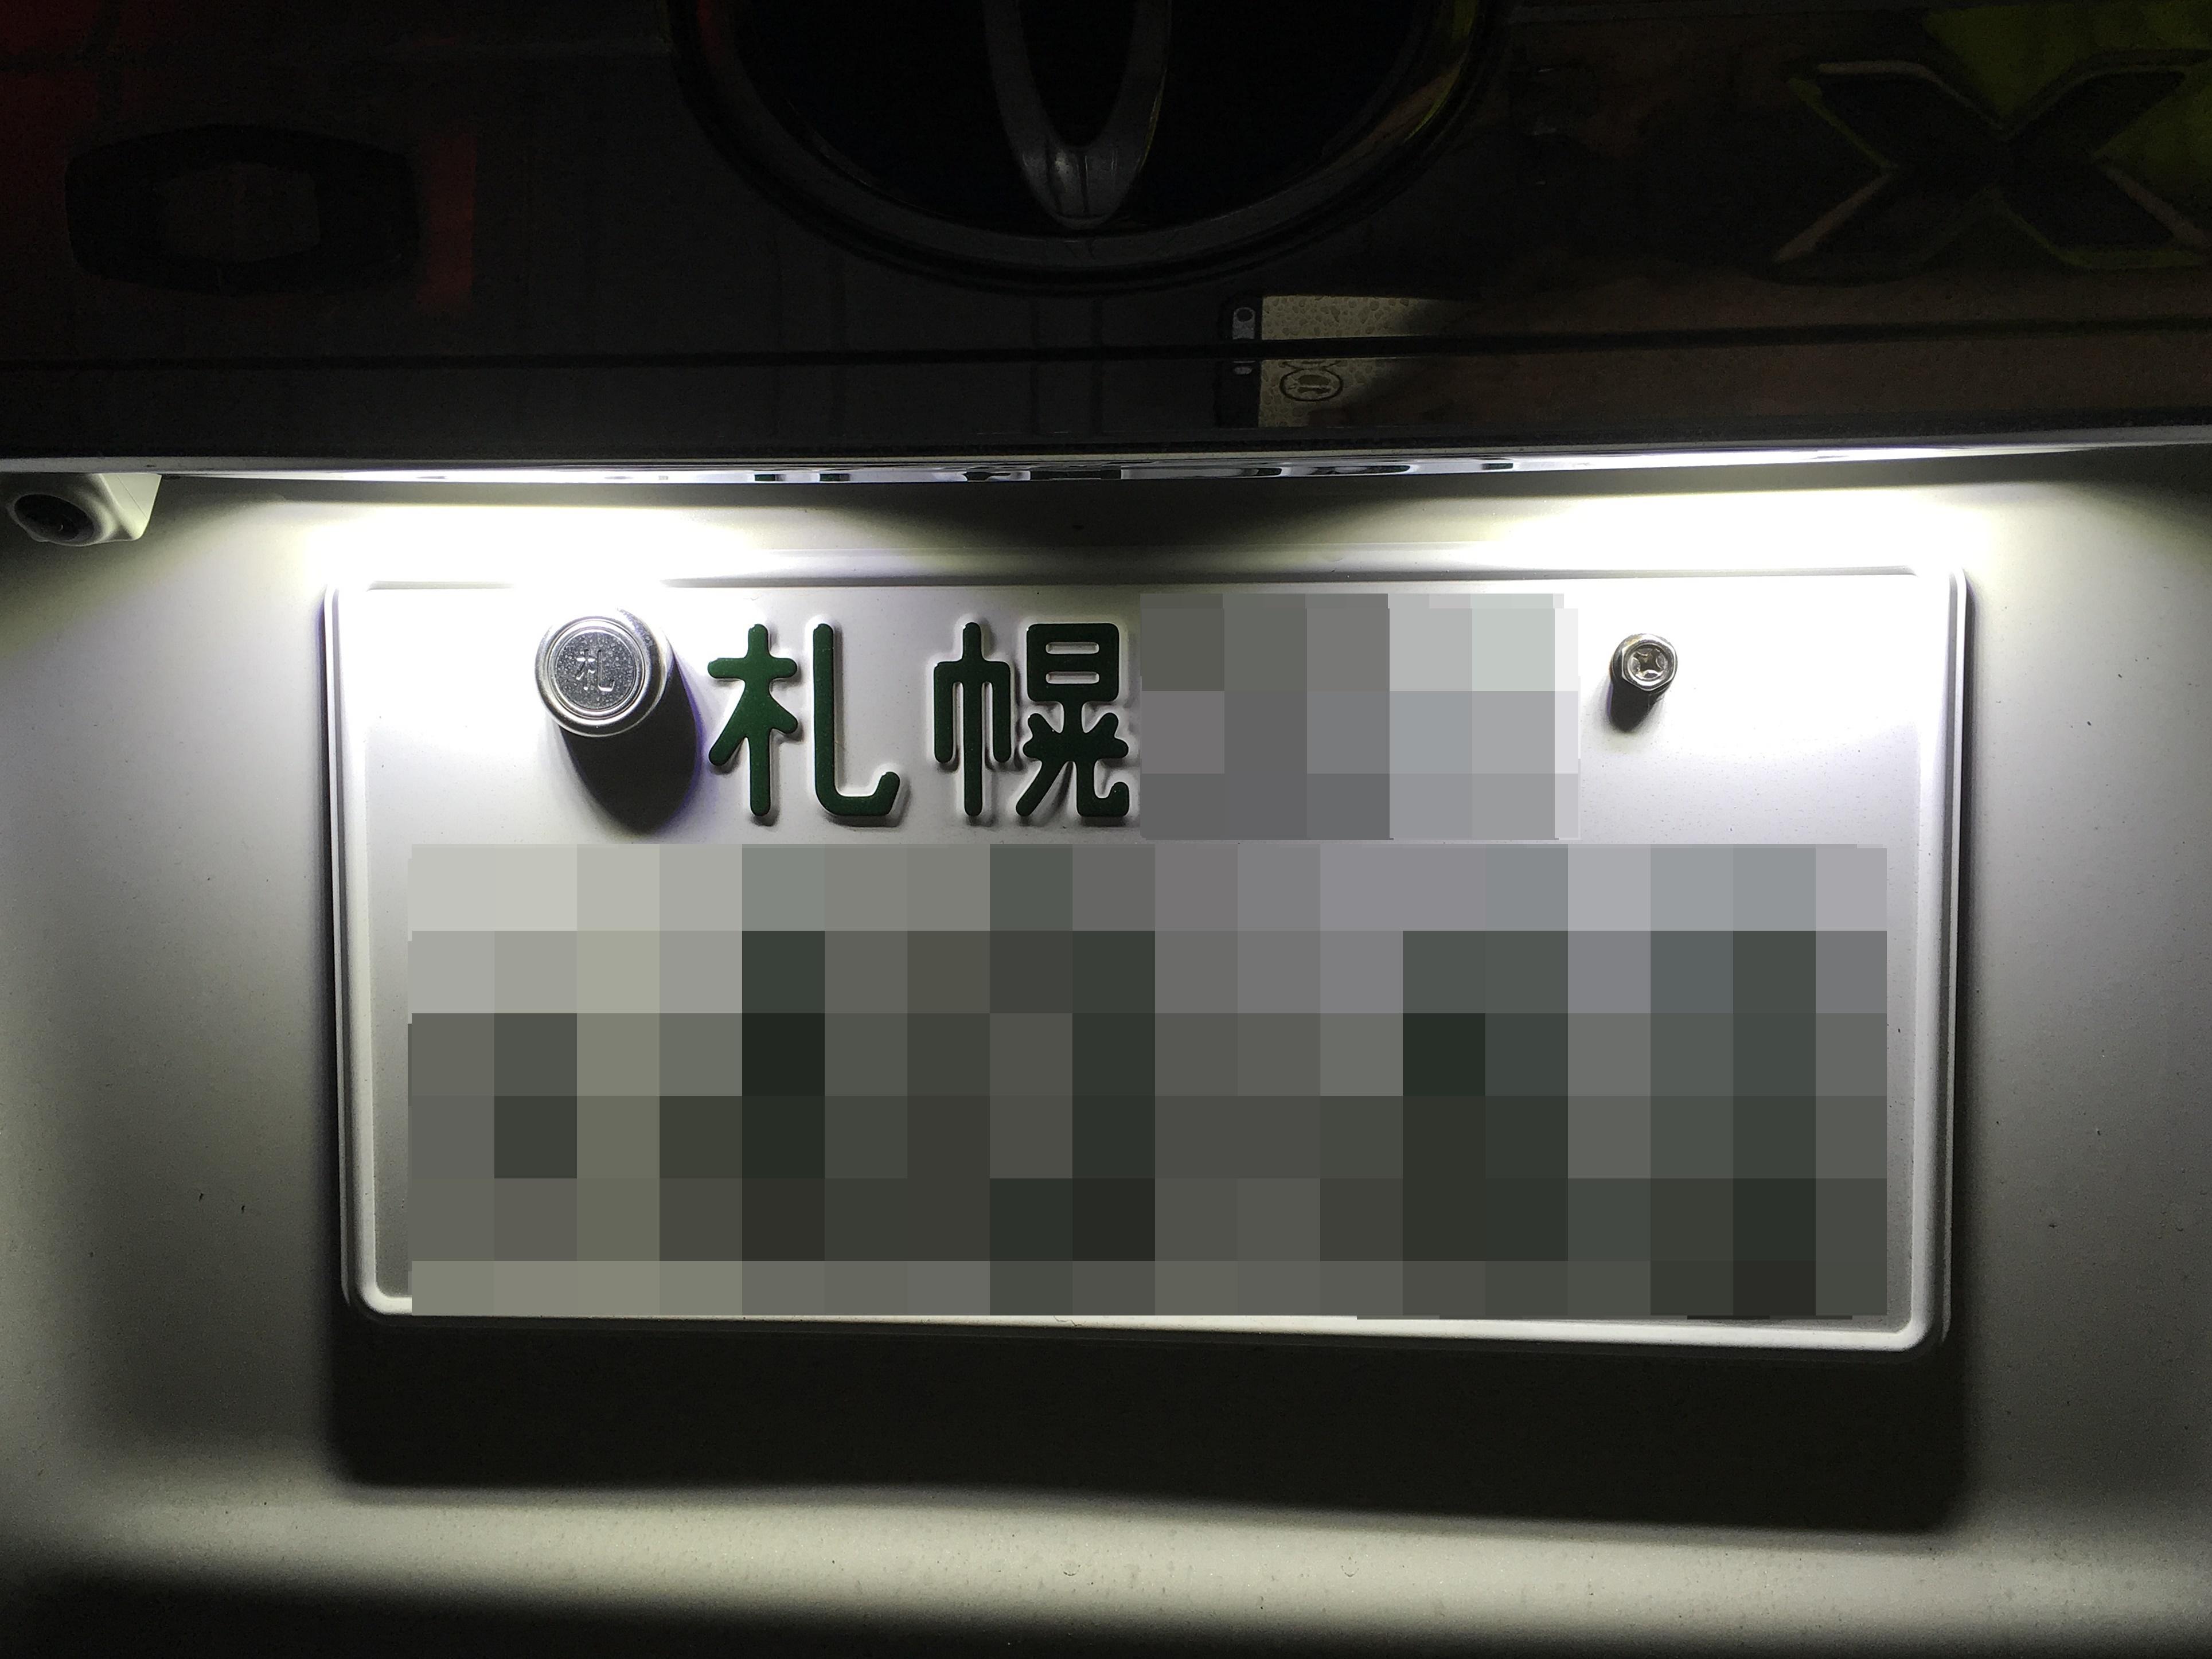 VOXY HIBRID ライセンスランプ交換後.JPG